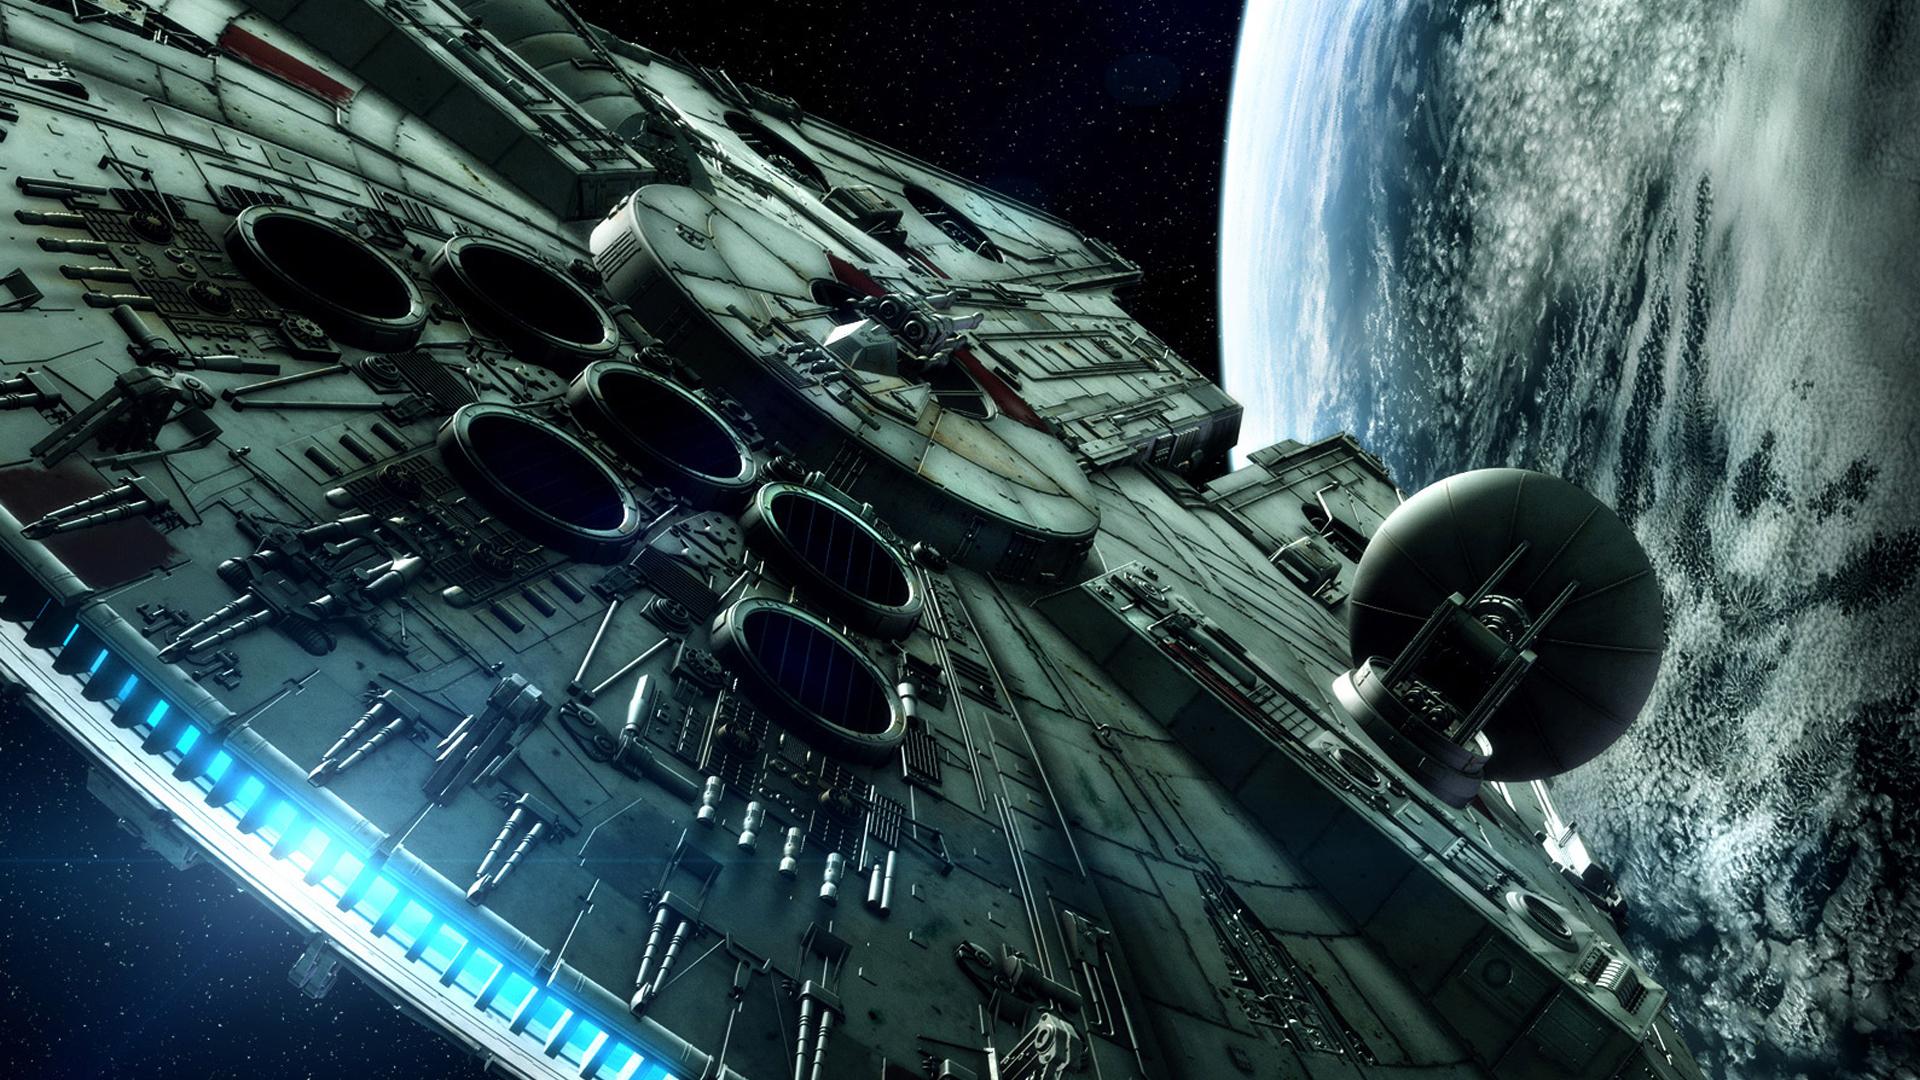 star wars hd wallpapers 1080p wallpapersafari